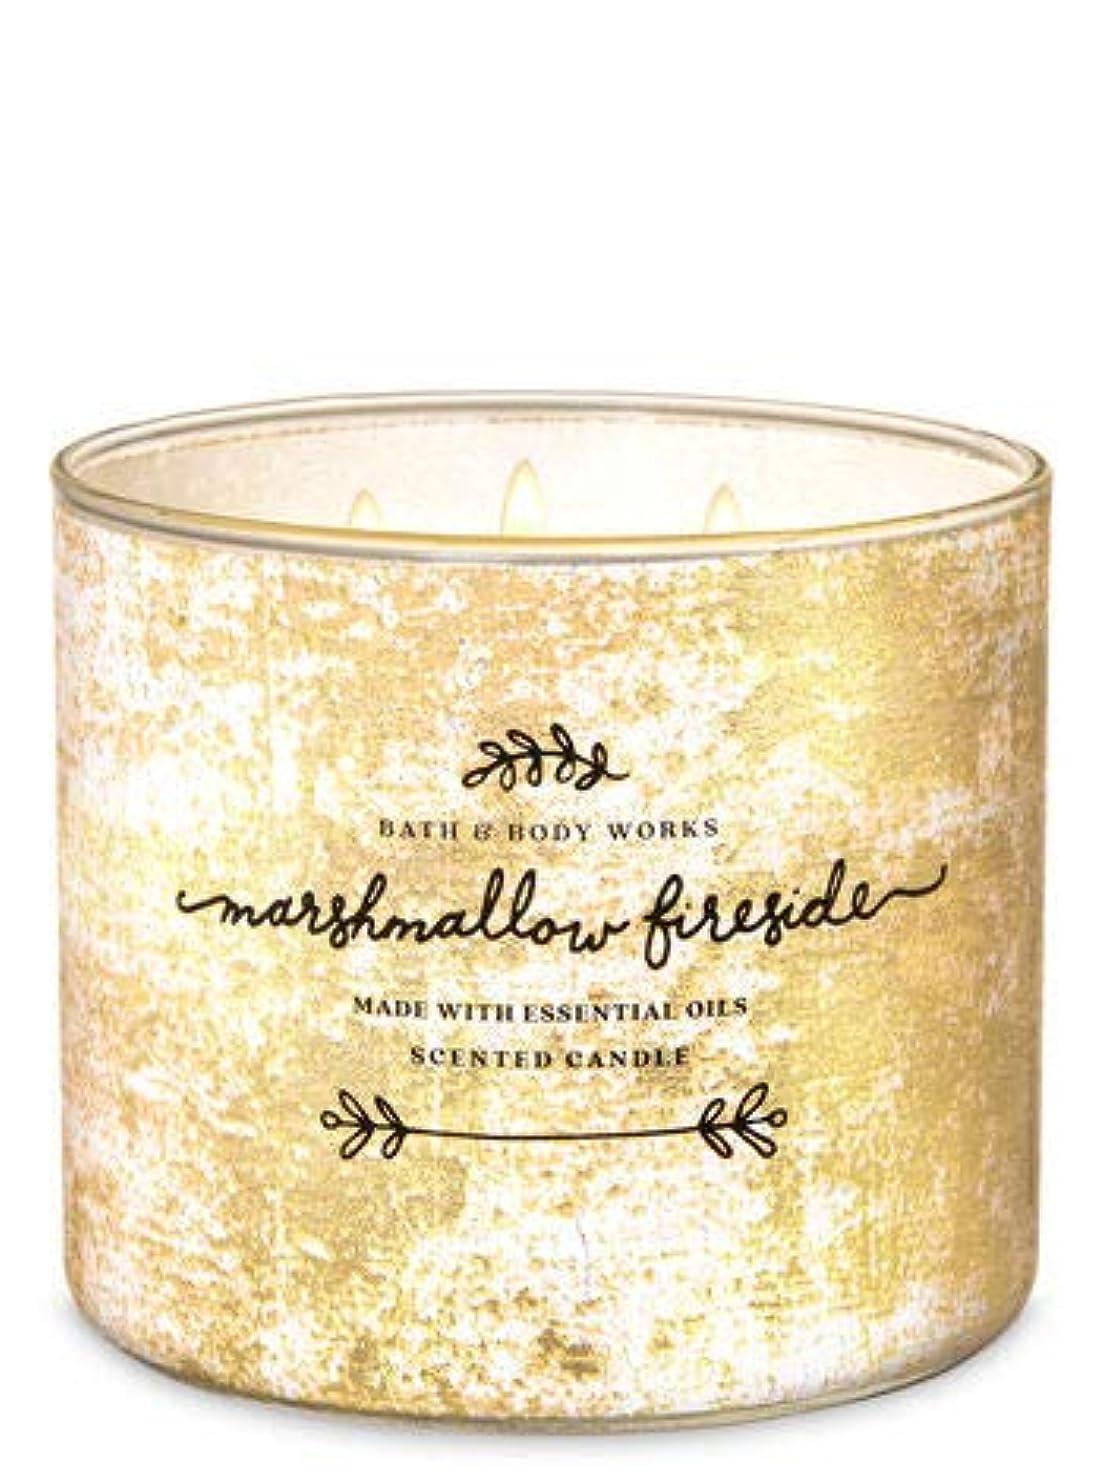 ビール幸福雲【Bath&Body Works/バス&ボディワークス】 アロマ キャンドル マシュマロファイヤーサイド 3-Wick Scented Candle Marshmallow Fireside 14.5oz/411g [並行輸入品]